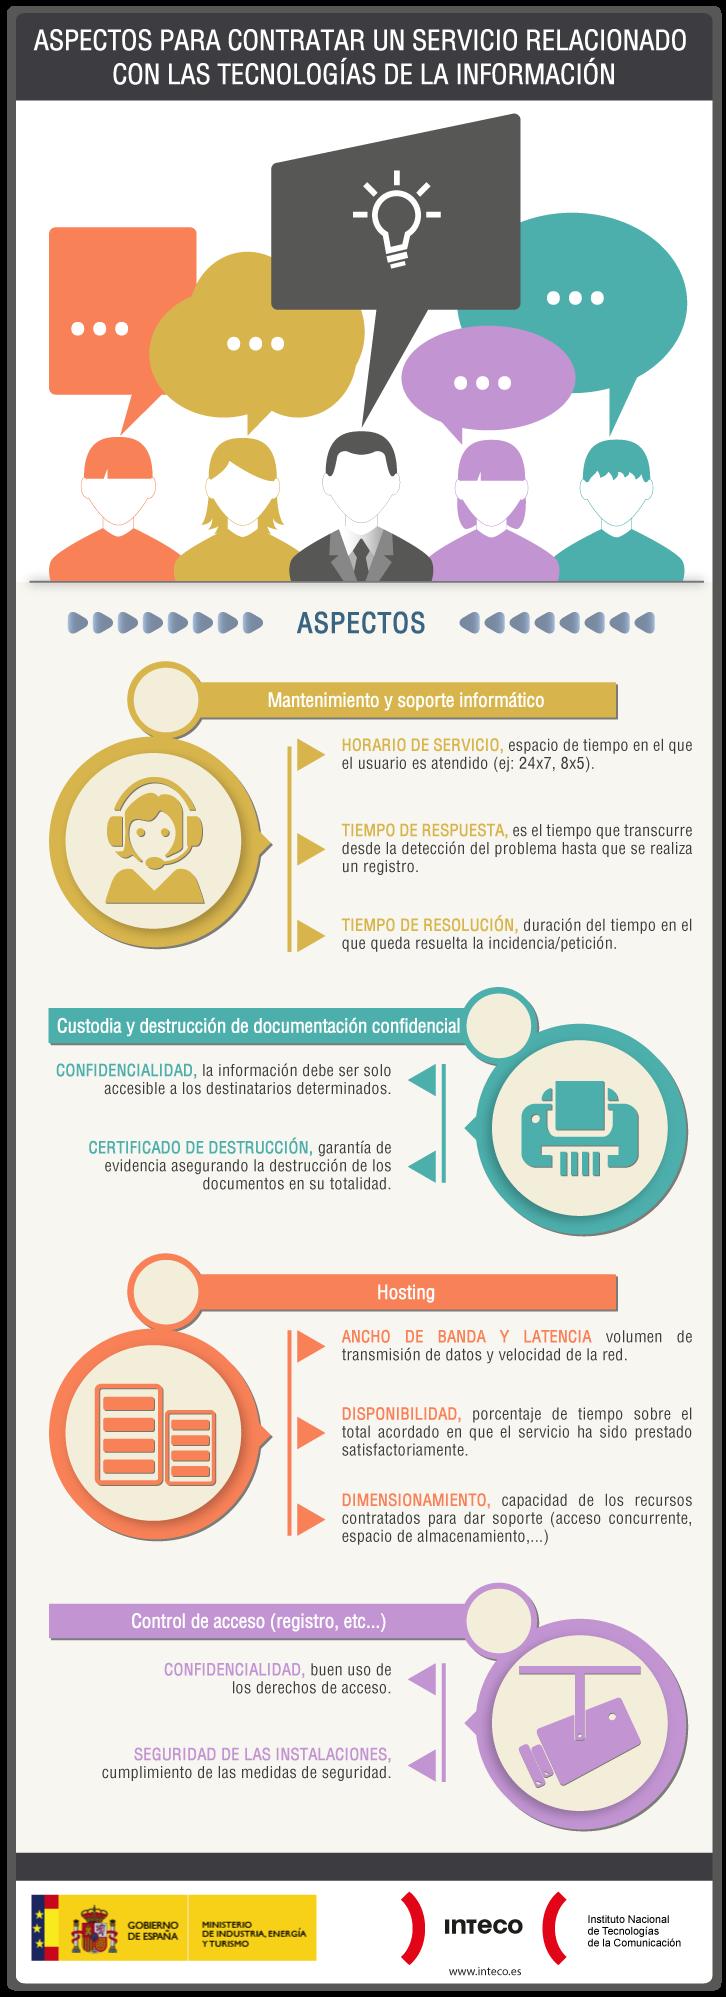 Aspectos a tener en cuenta al contratar servicios TIC